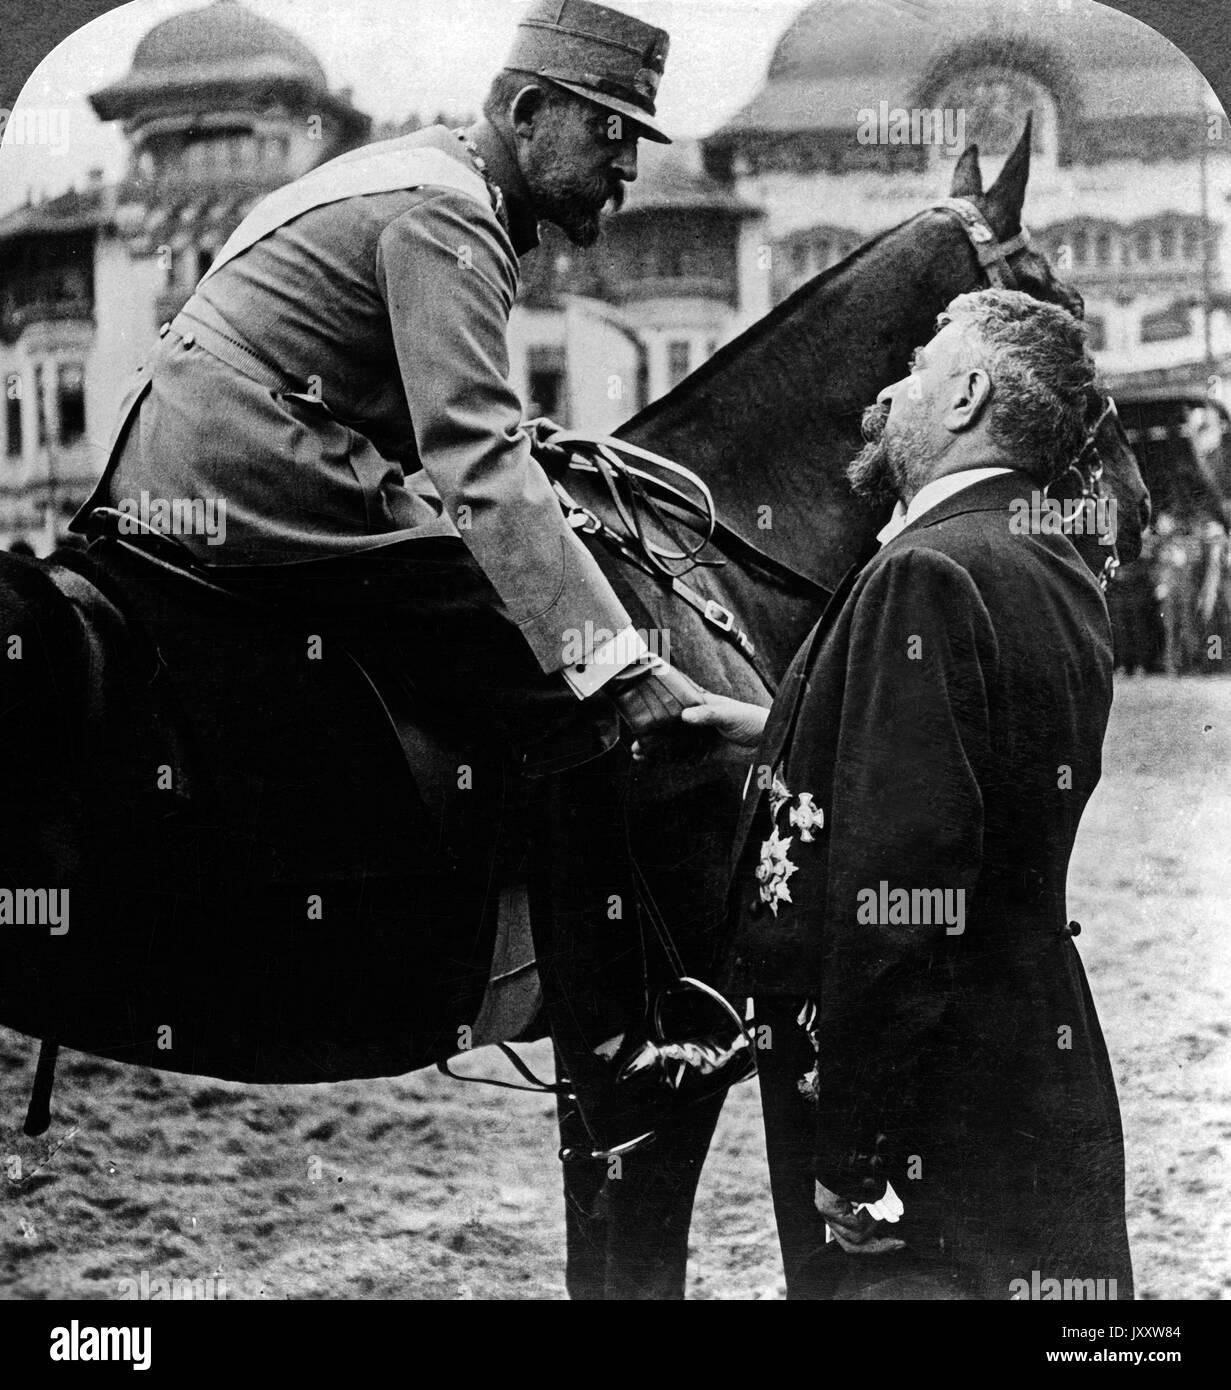 König Ferdinand I. von Rumänien verabschiedet sich von seinem Premierminister, bevor er an die Front geht, Bukarest 1916. King Ferdinand I of Romania bidding his prime minister good bye before leaving for front, Bucharest 1916. - Stock Image